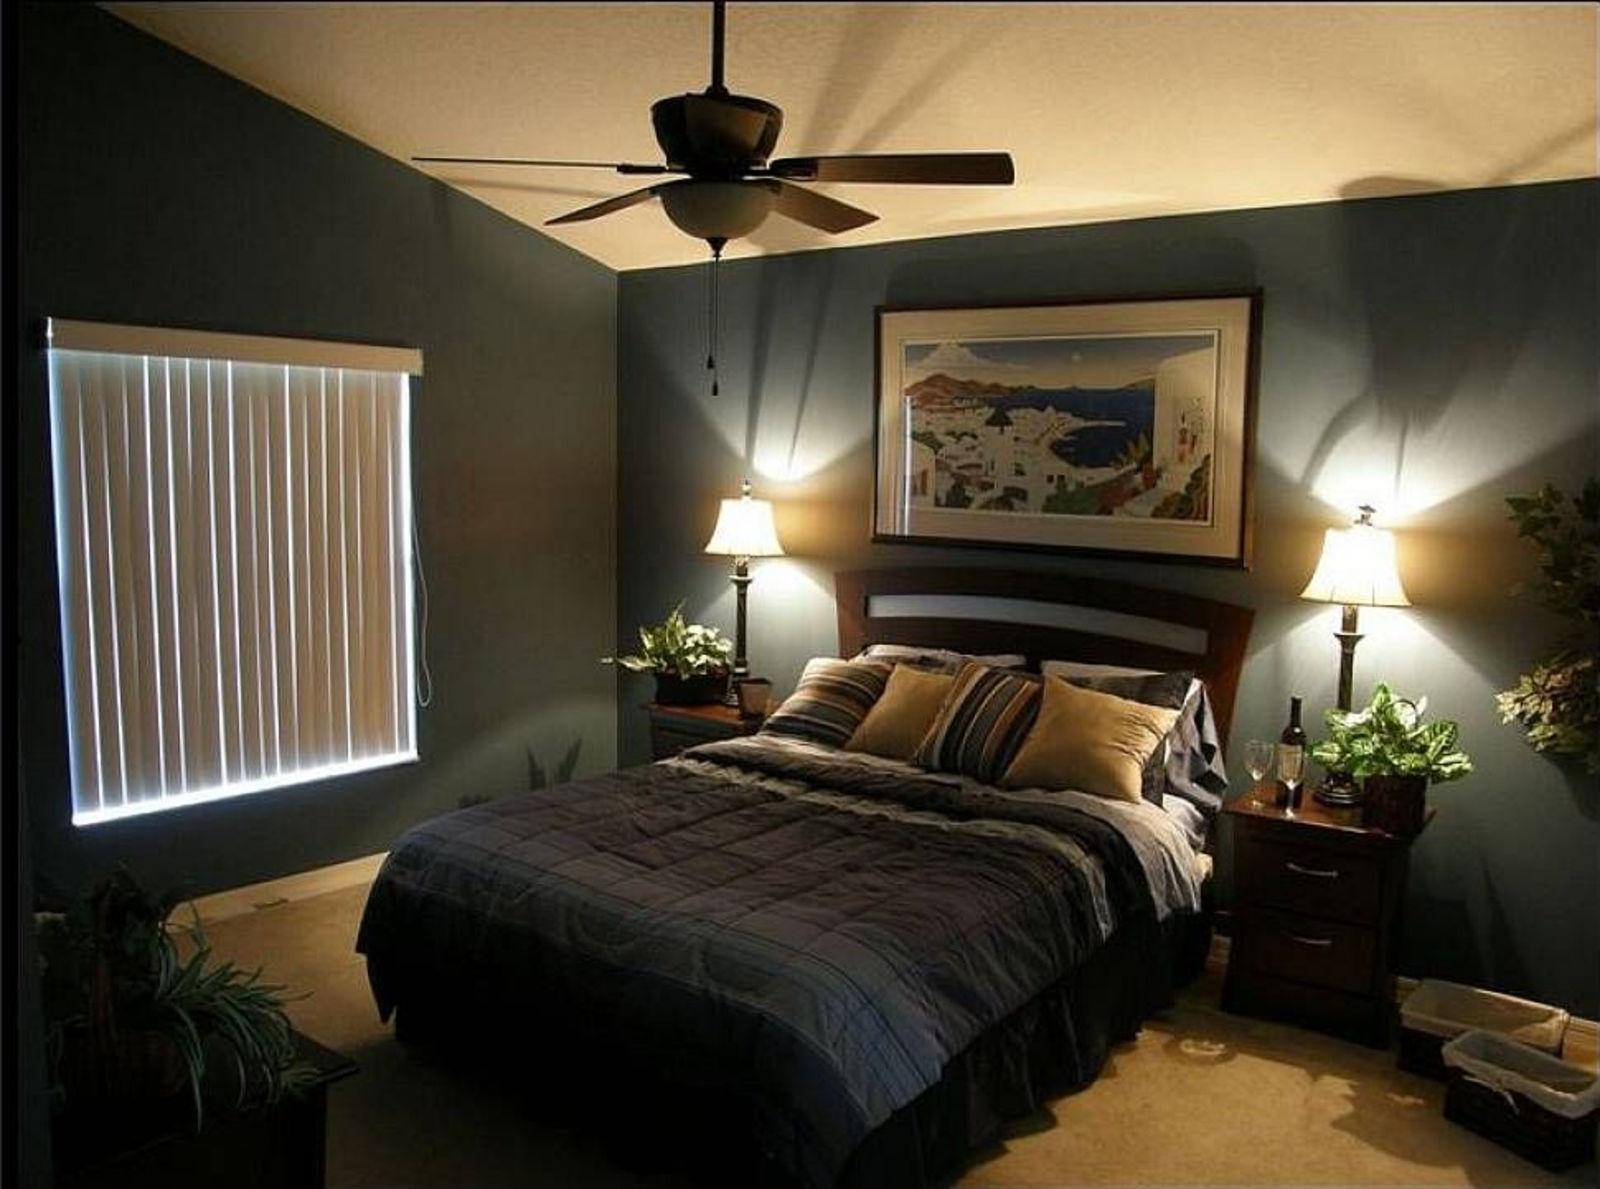 Даже в комнате с современным интерьером элементы стиля кантри могут смотреться естественно